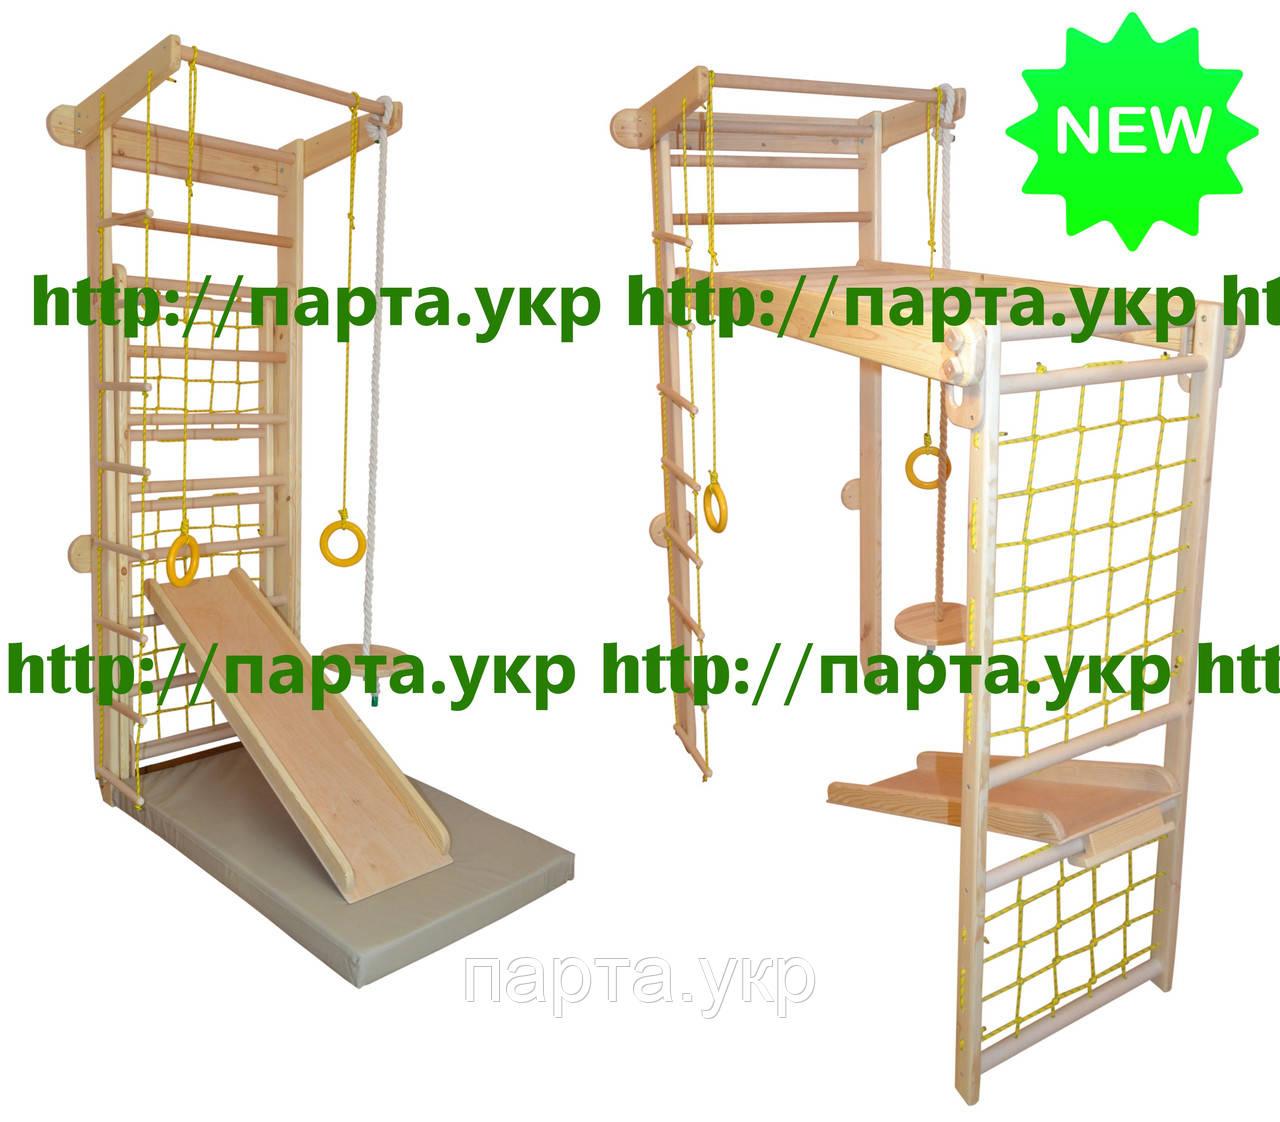 Спортивный уголок деревянный  Складной с горкой h225 см